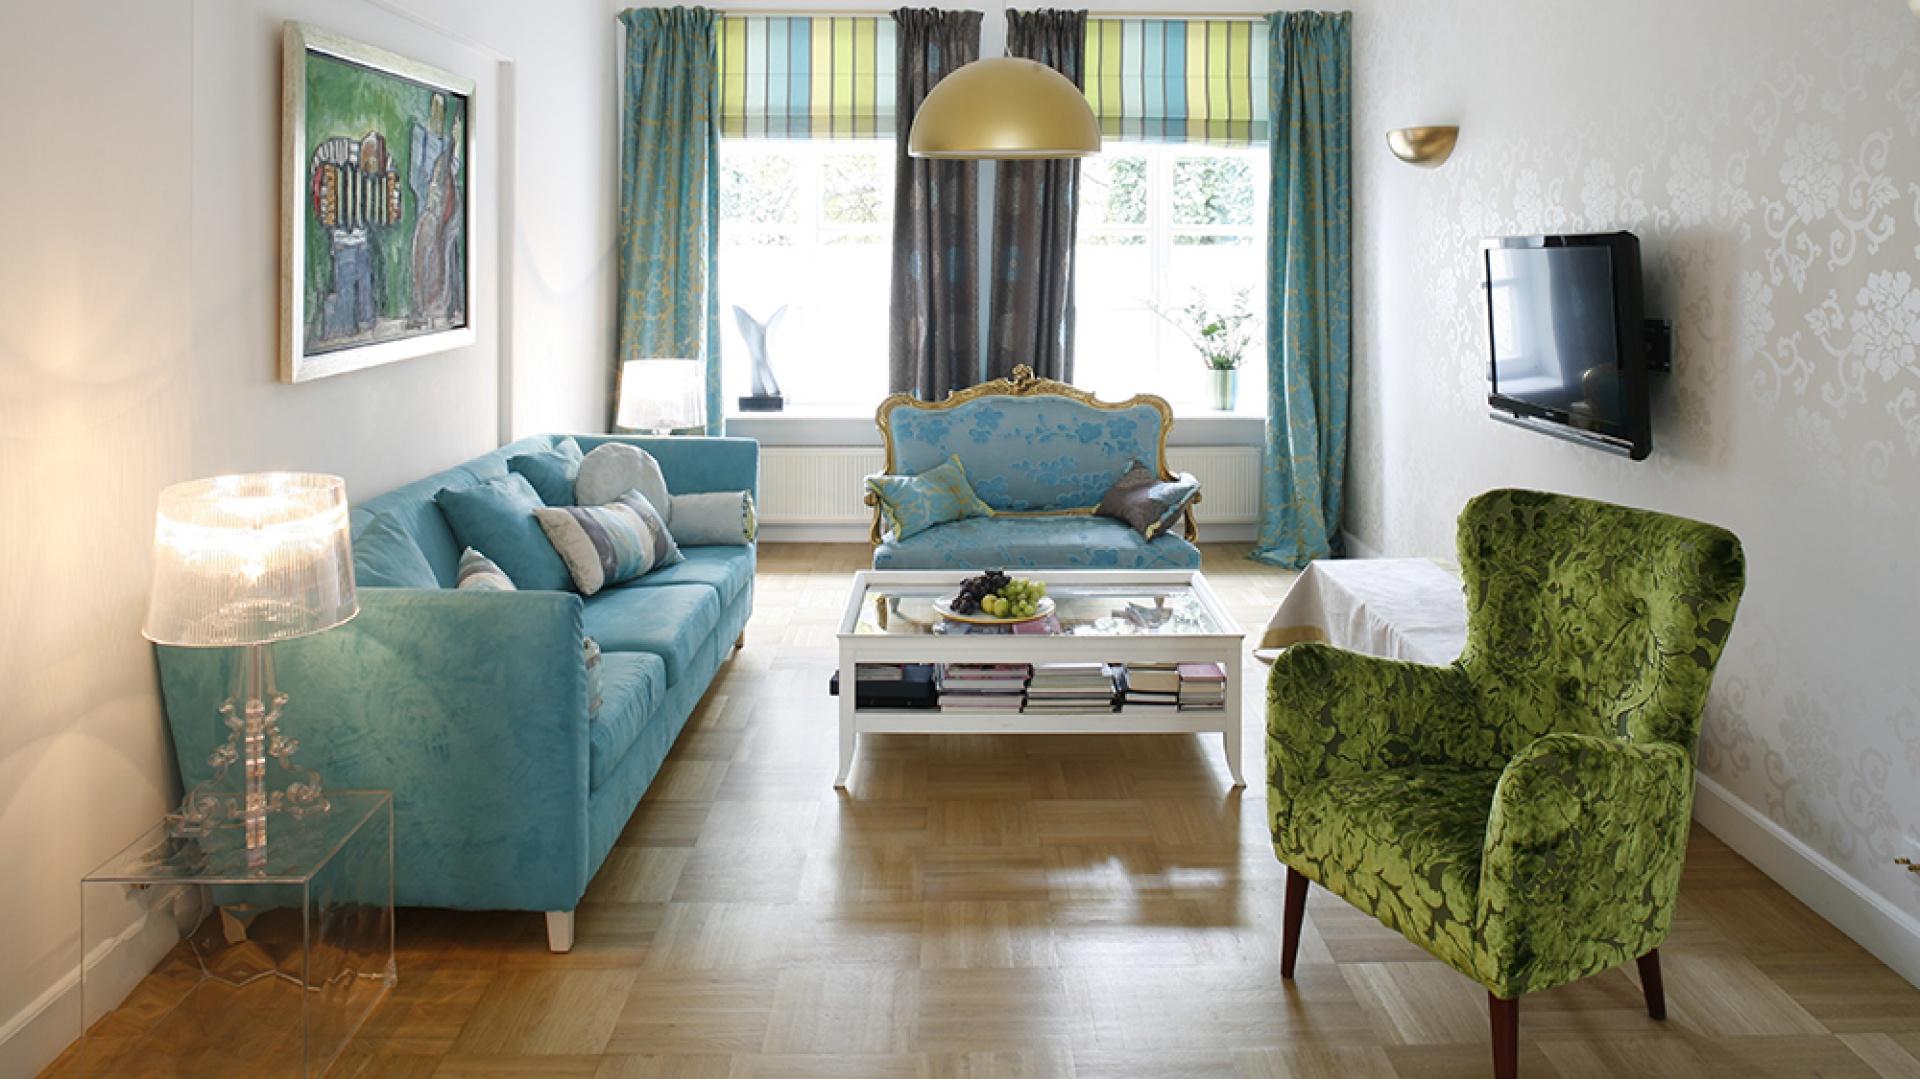 Stylizowany fotel czy pochodząca z lat 20. ubiegłego wieku kanapa, świetnie komponują się z przezroczystym kubikiem i lampą Kartella, a drewniany zabytkowy stolik nie kłóci się ze sztuką współczesną czy sprzętem RTV. Fot. Bartosz Jarosz.